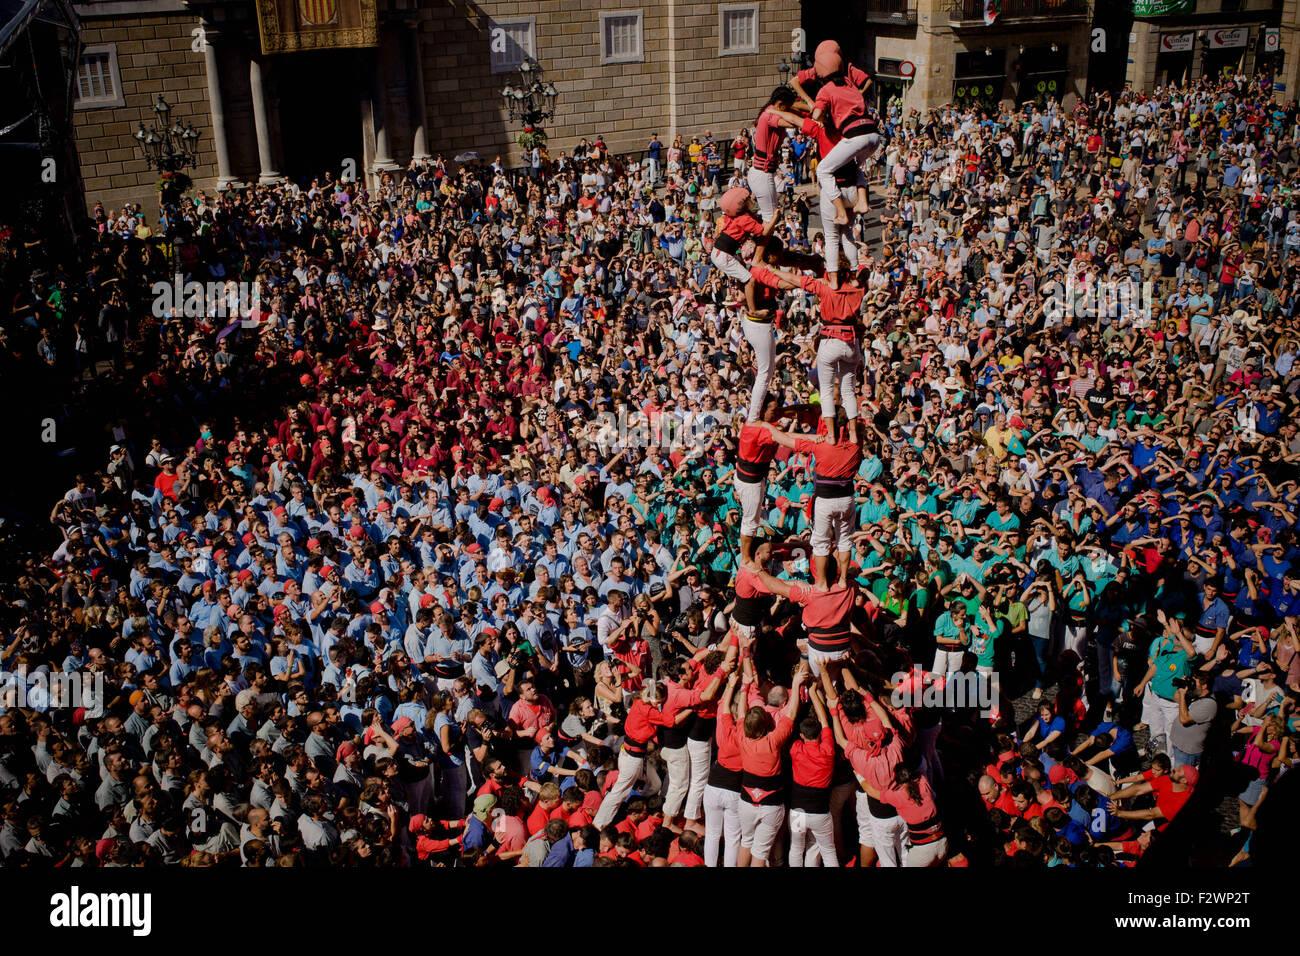 Barcelone, Catalogne, Espagne. Sep 24, 2015. Une tour humaine (castell en catalan) est construit à Barcelone. La Merce Festival (Festes de la Merce) a eu lieu la traditionnelle Jornada Castellera (tours humaines jour) dans la place de la mairie de Barcelone. © Jordi Boixareu/ZUMA/Alamy Fil Live News Banque D'Images